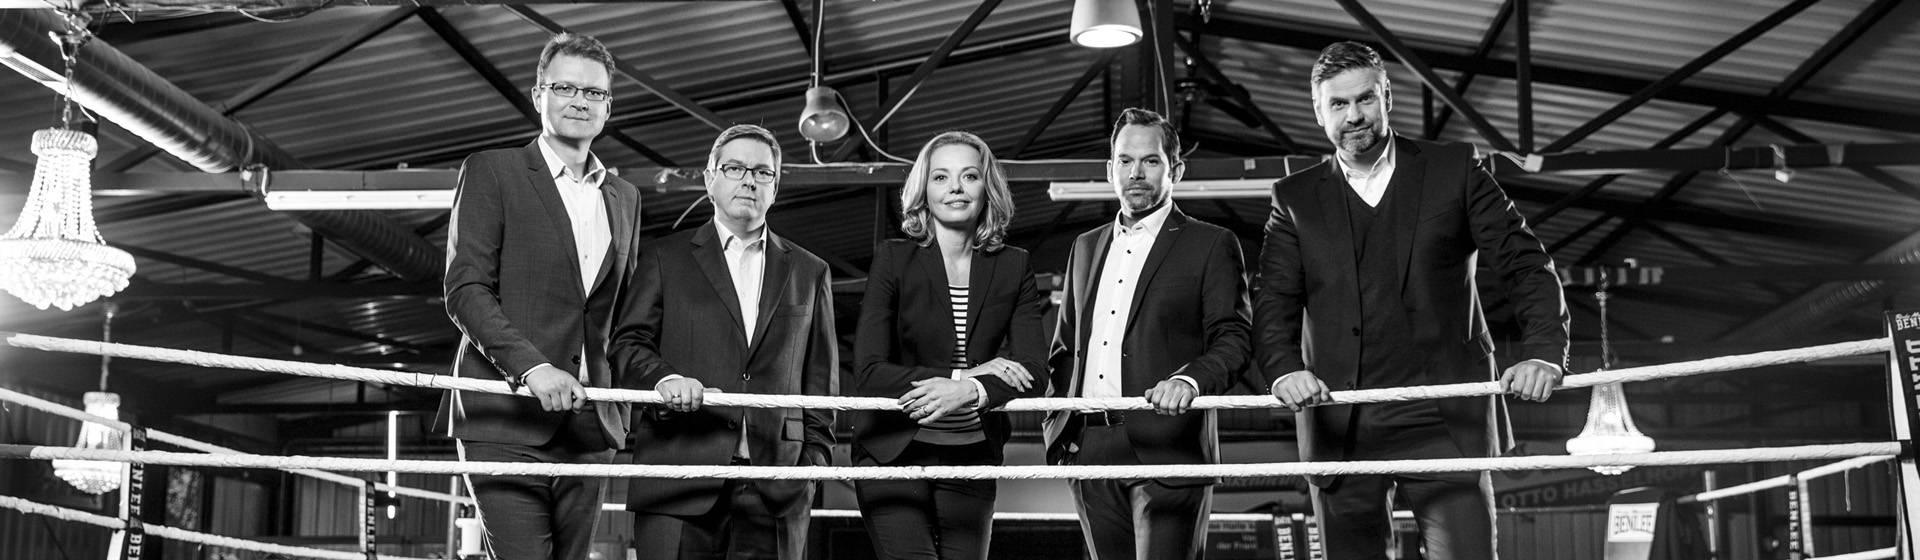 Boden Rechtsanwälte - Team